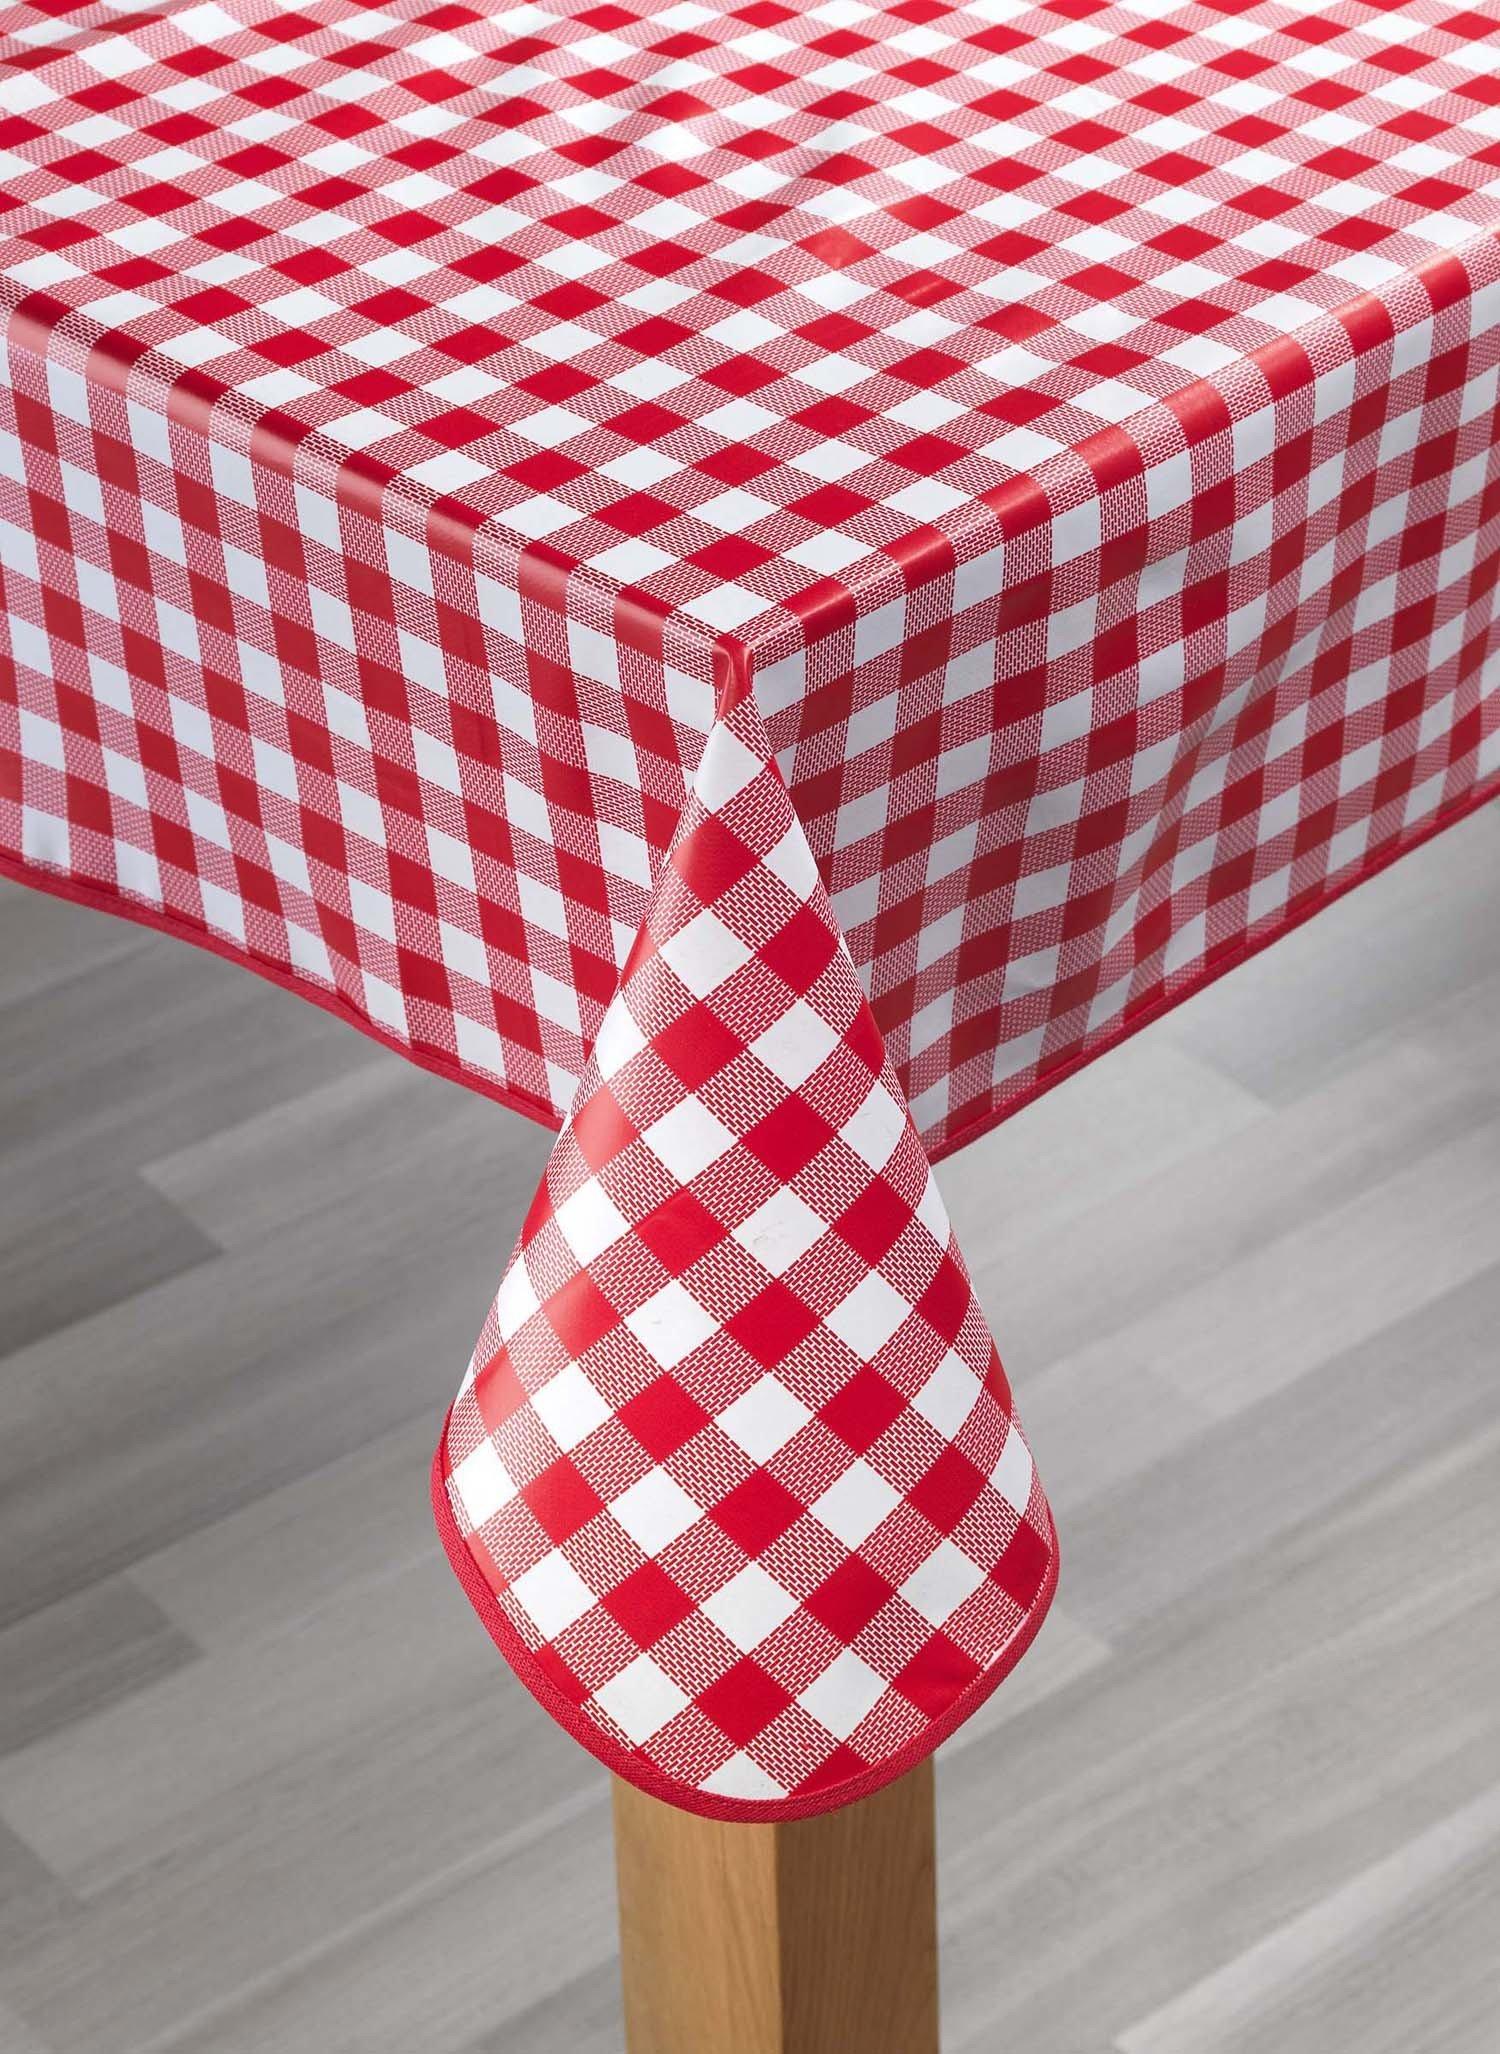 Tischdecke,Kölsch rot 140x180 - 1 - Ronja.ch